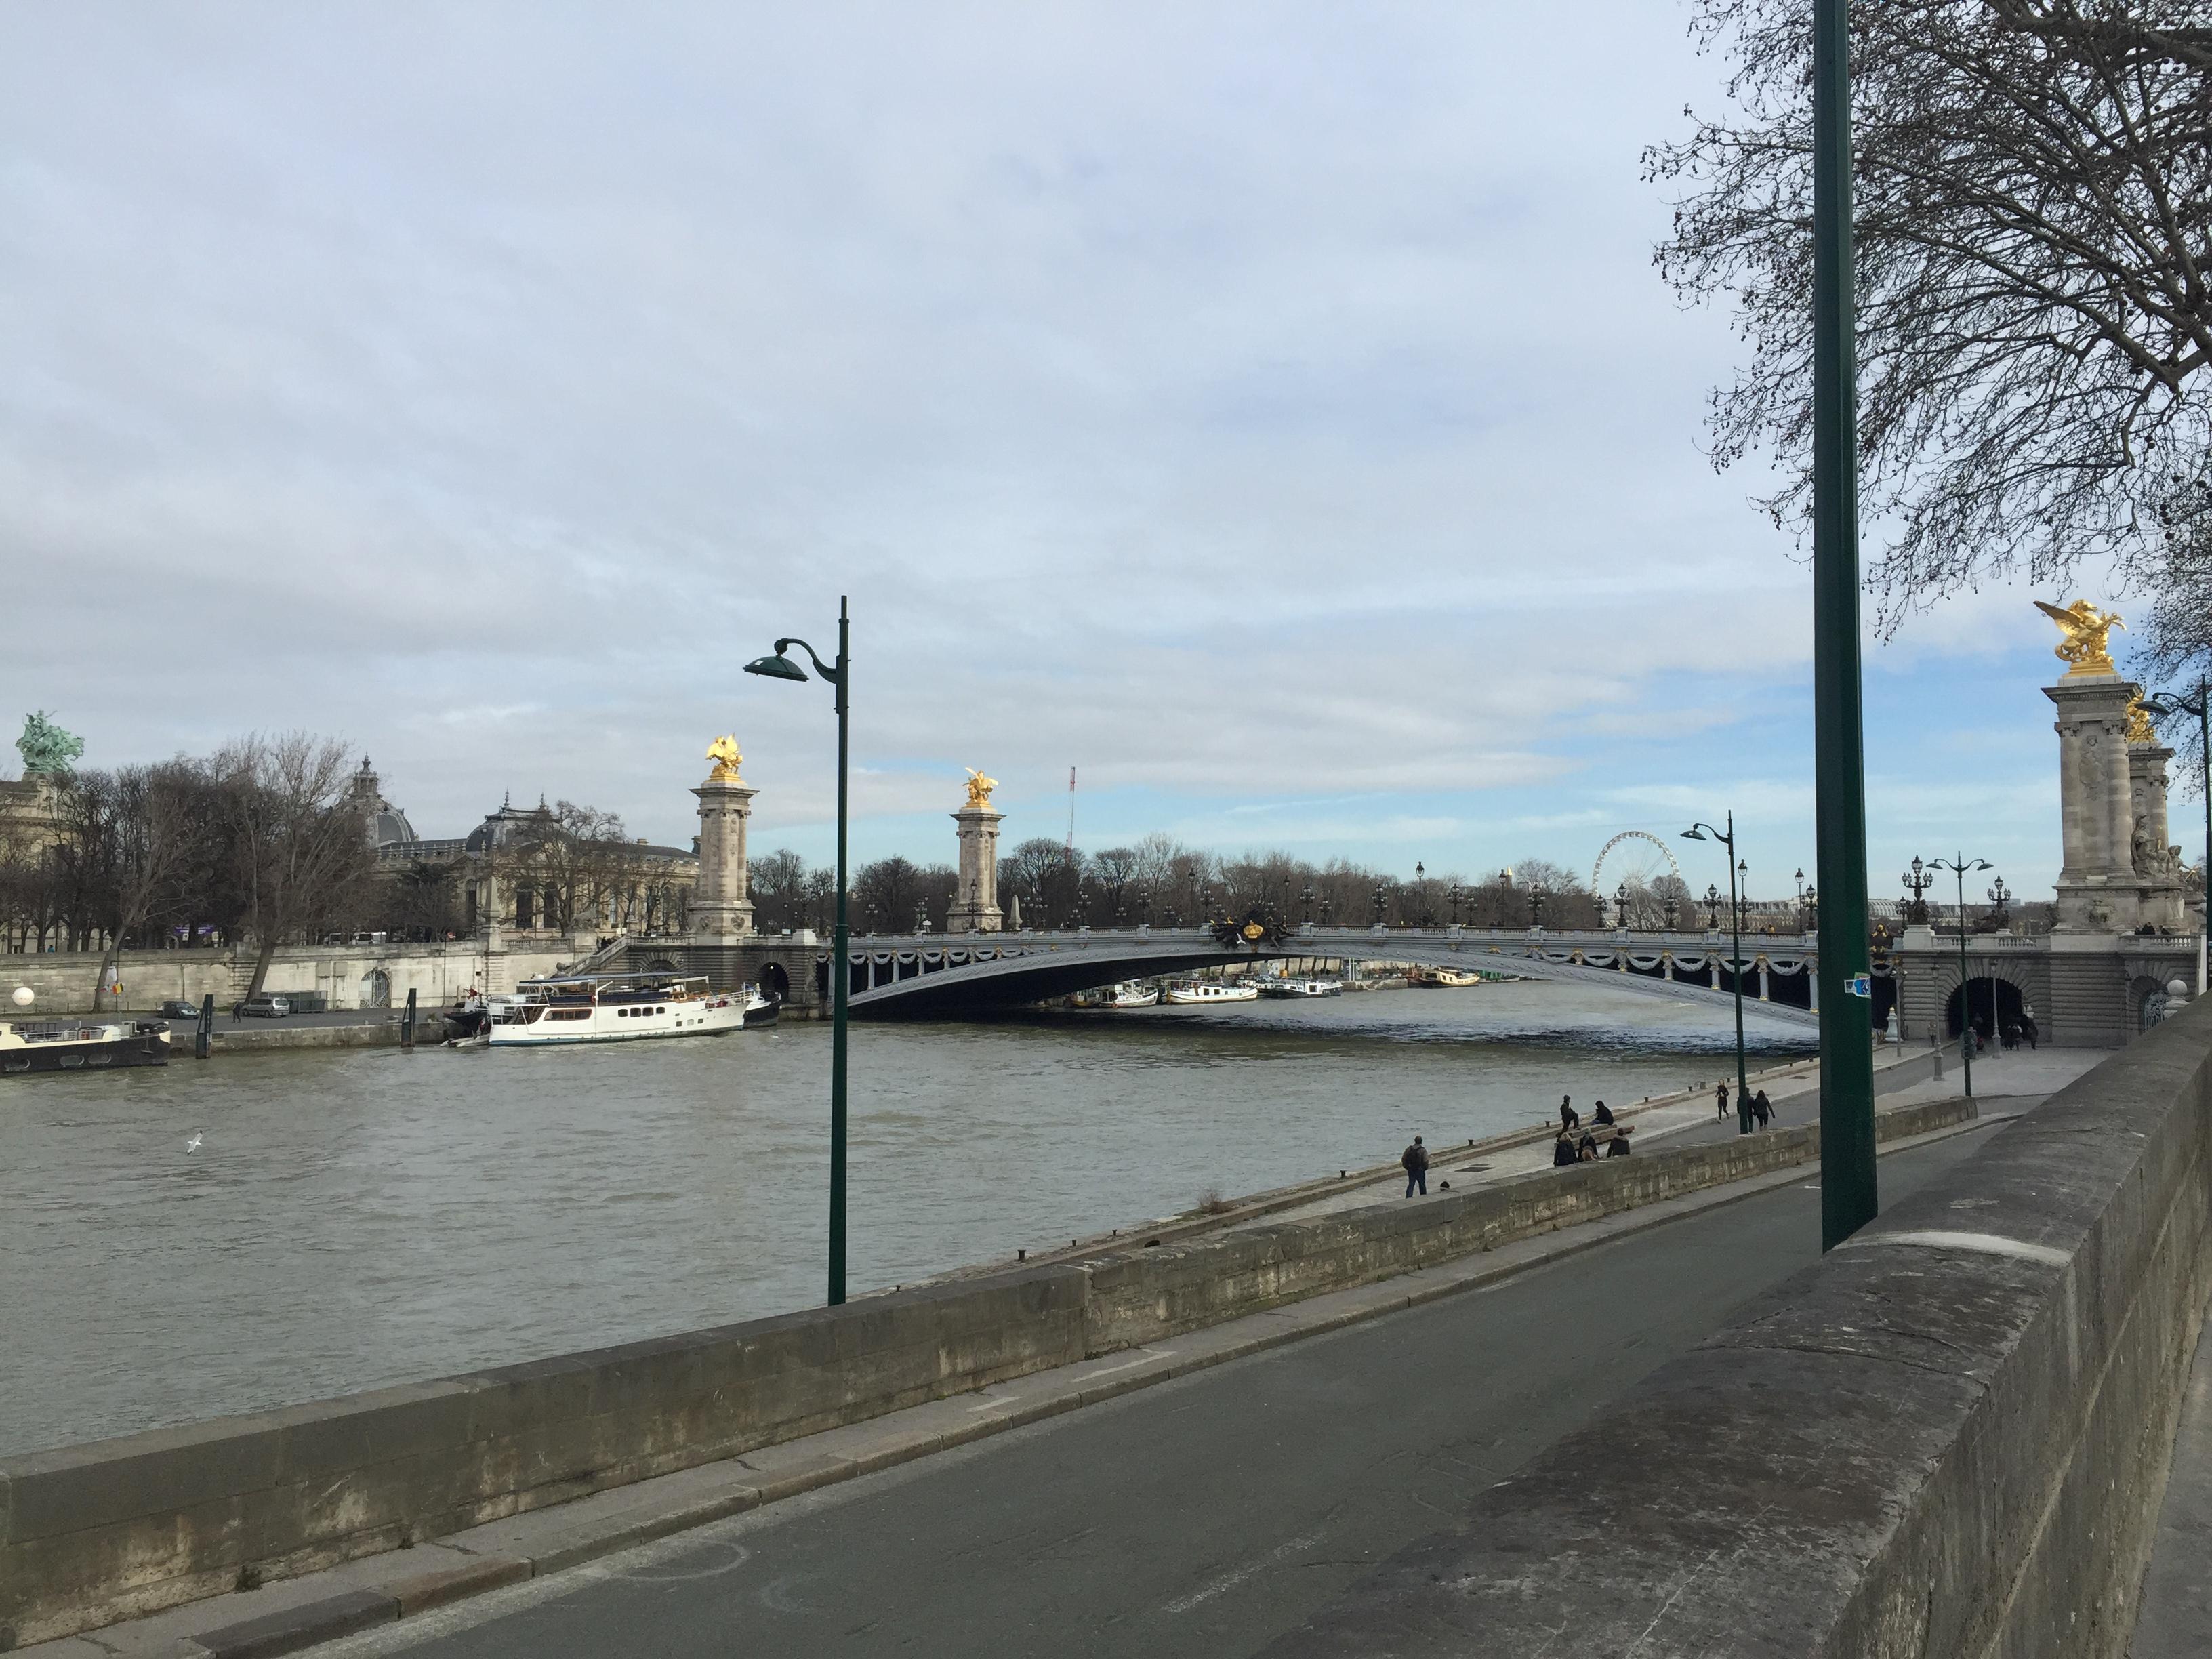 Вид на мост Александра III и набережную Сены.